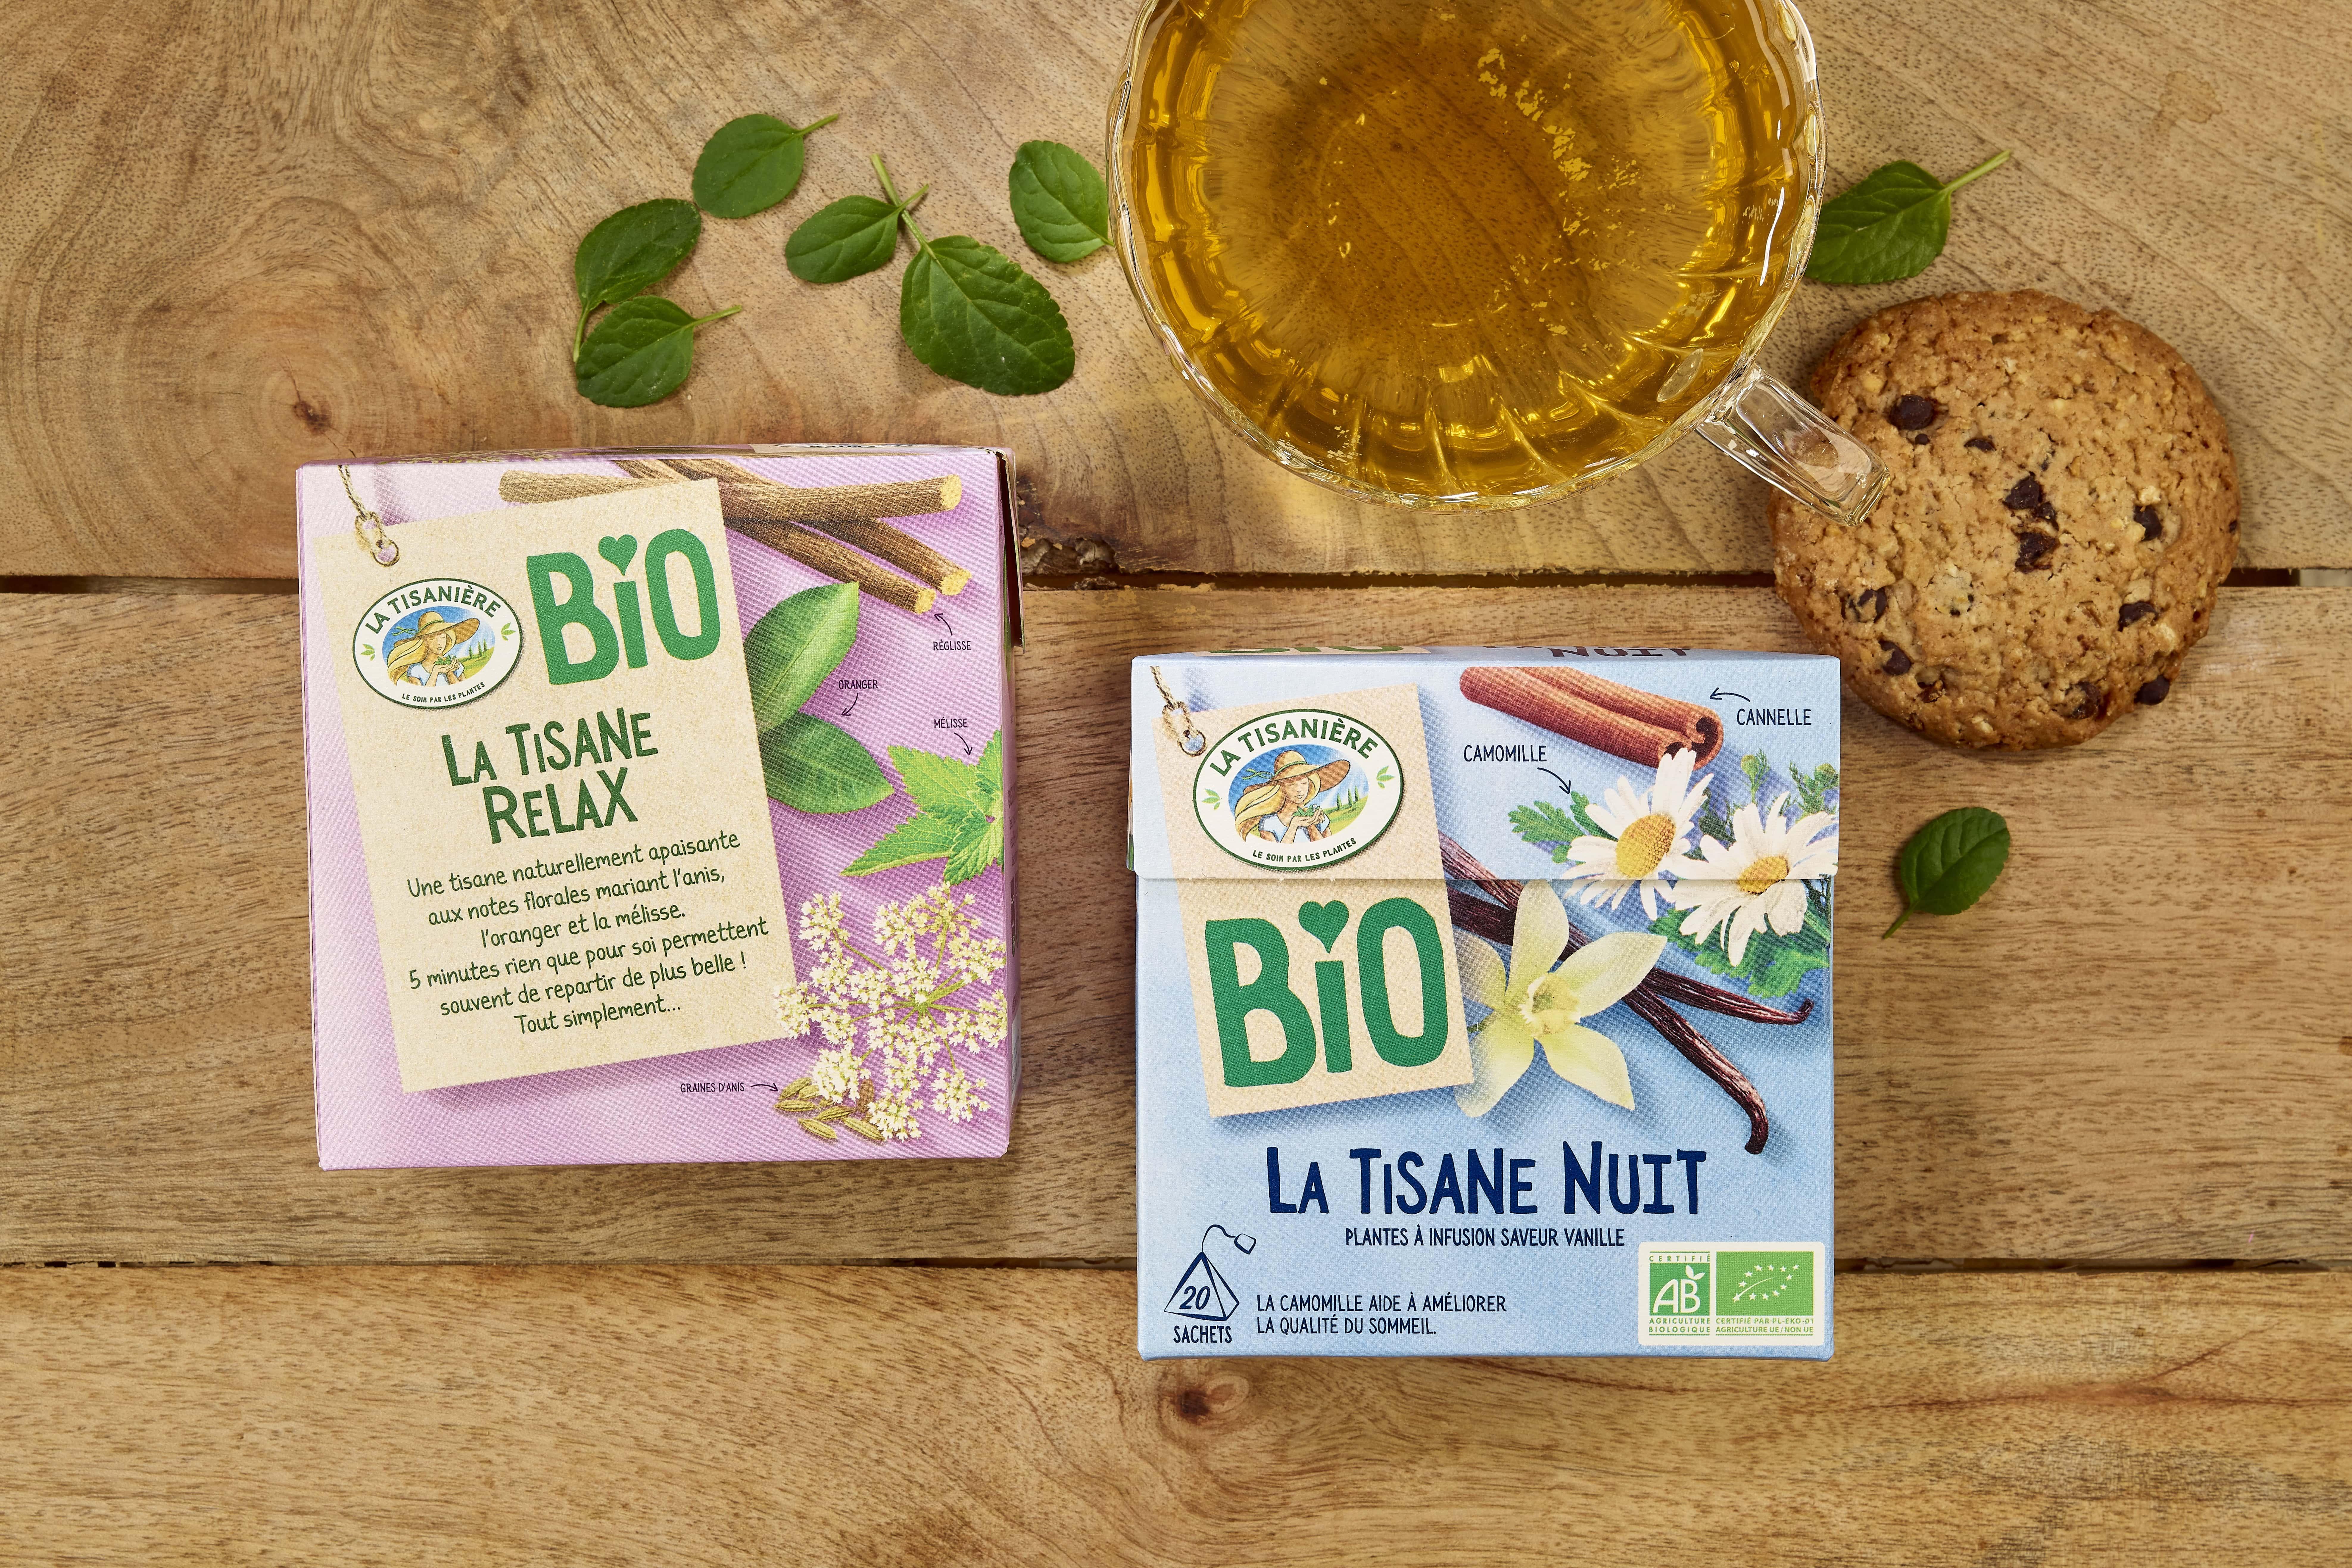 Des boites de thé bio La Tisanière